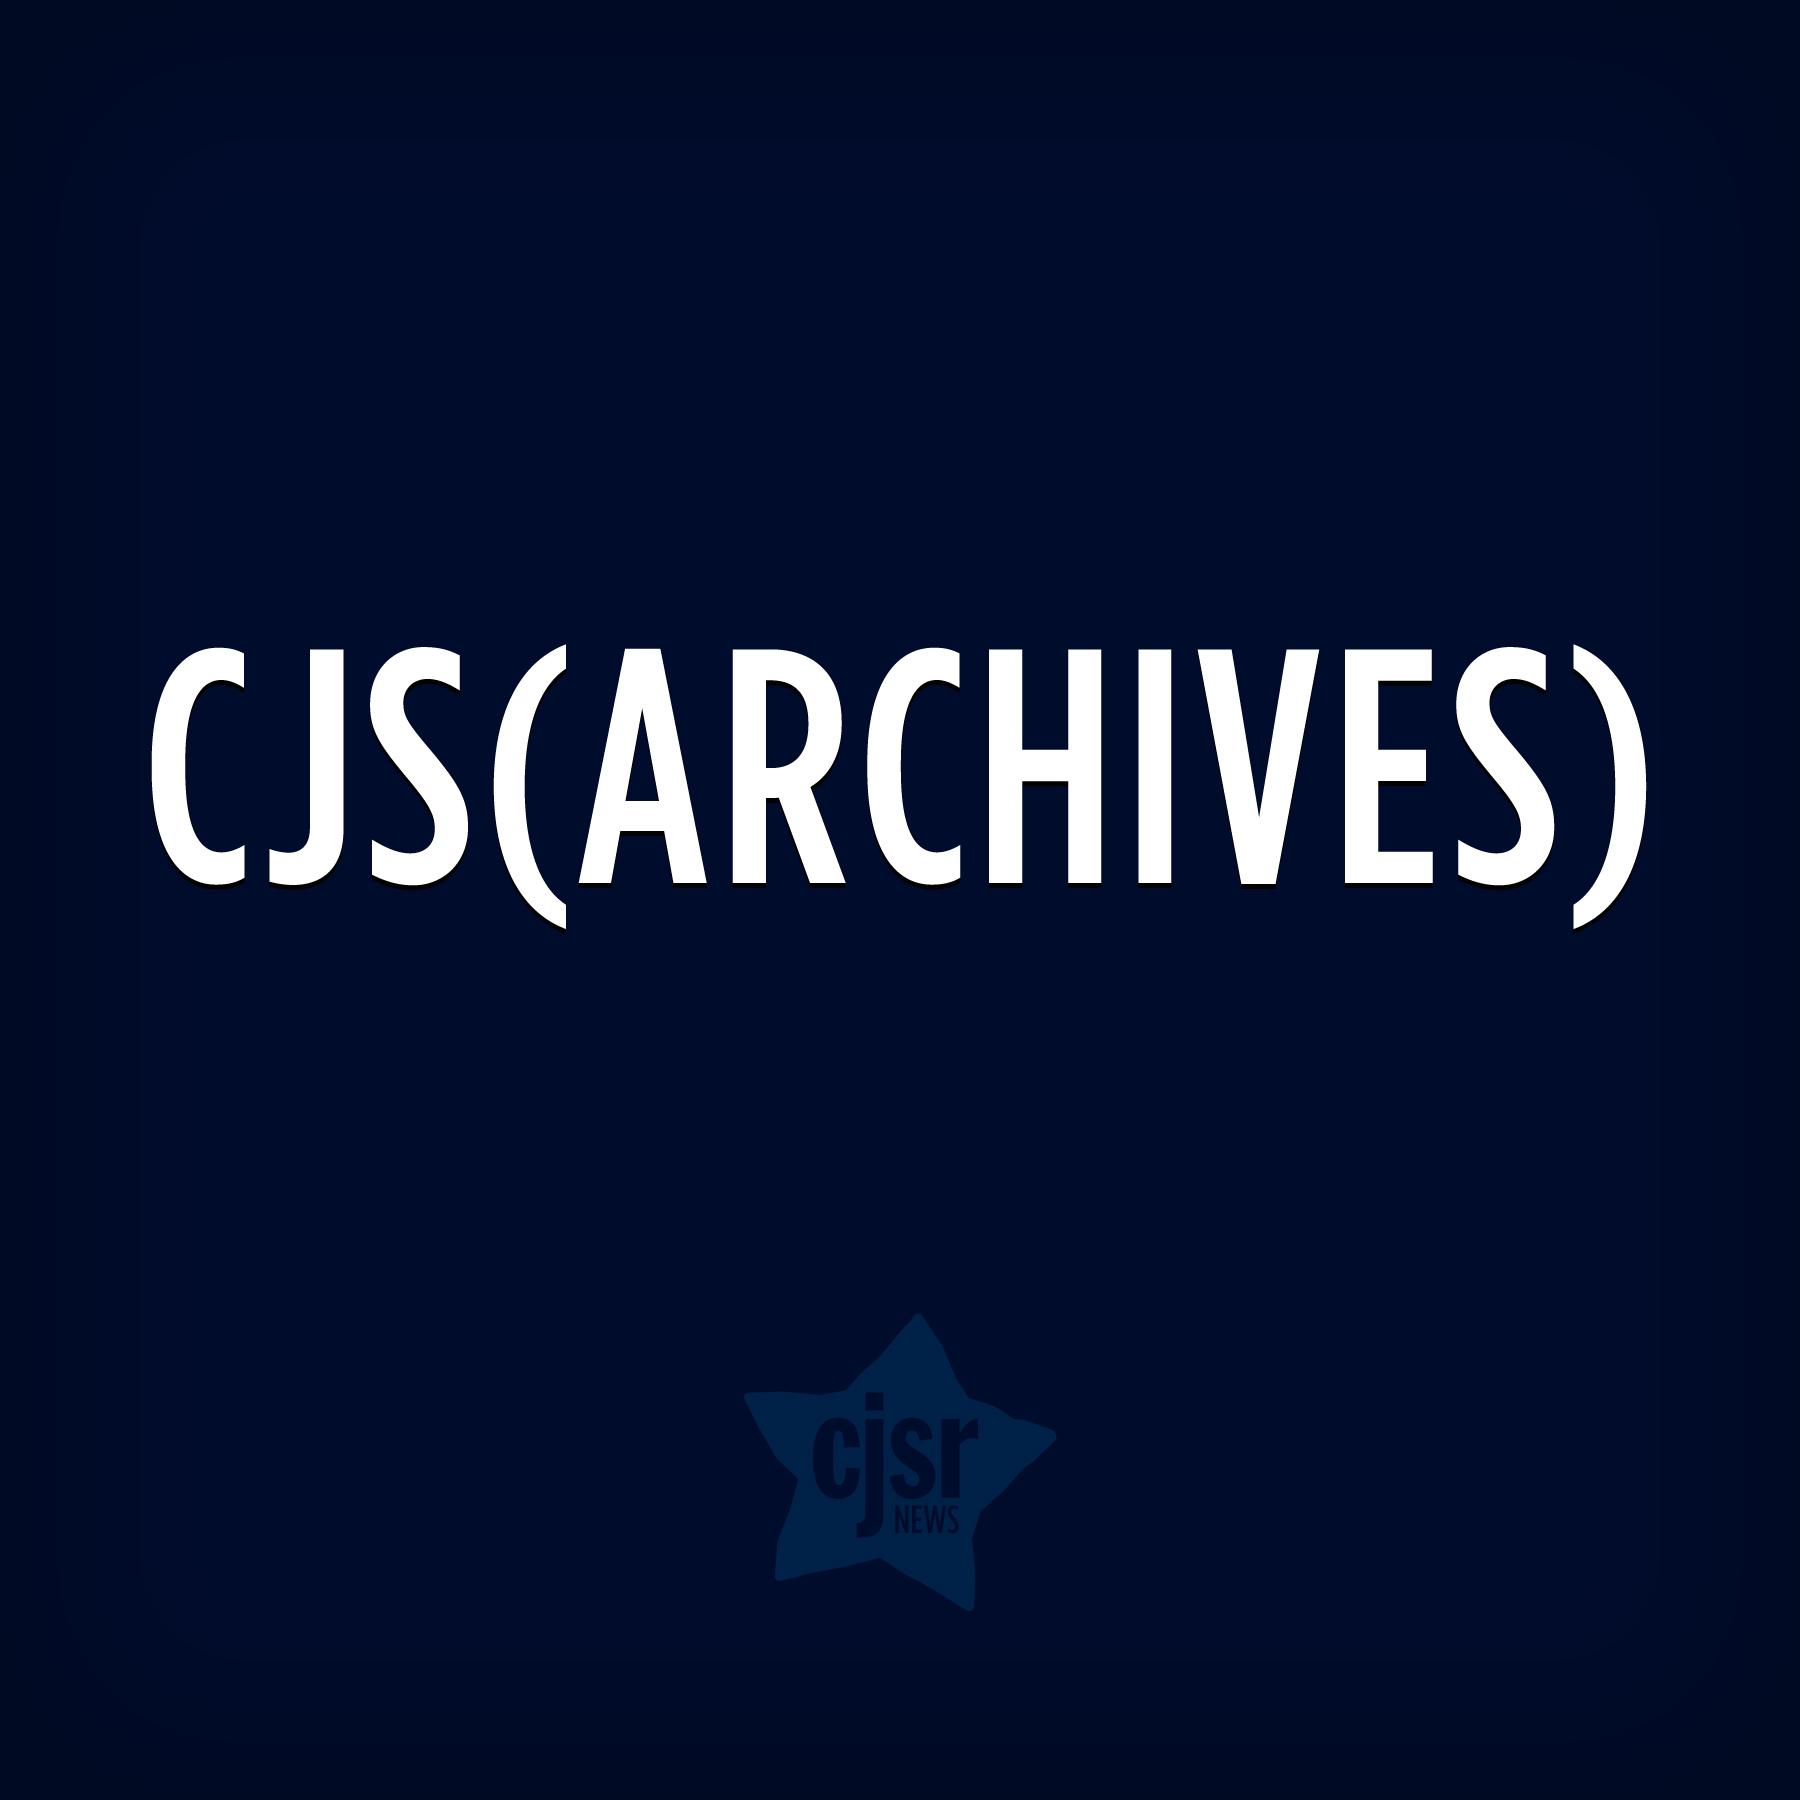 CJS(Archives)